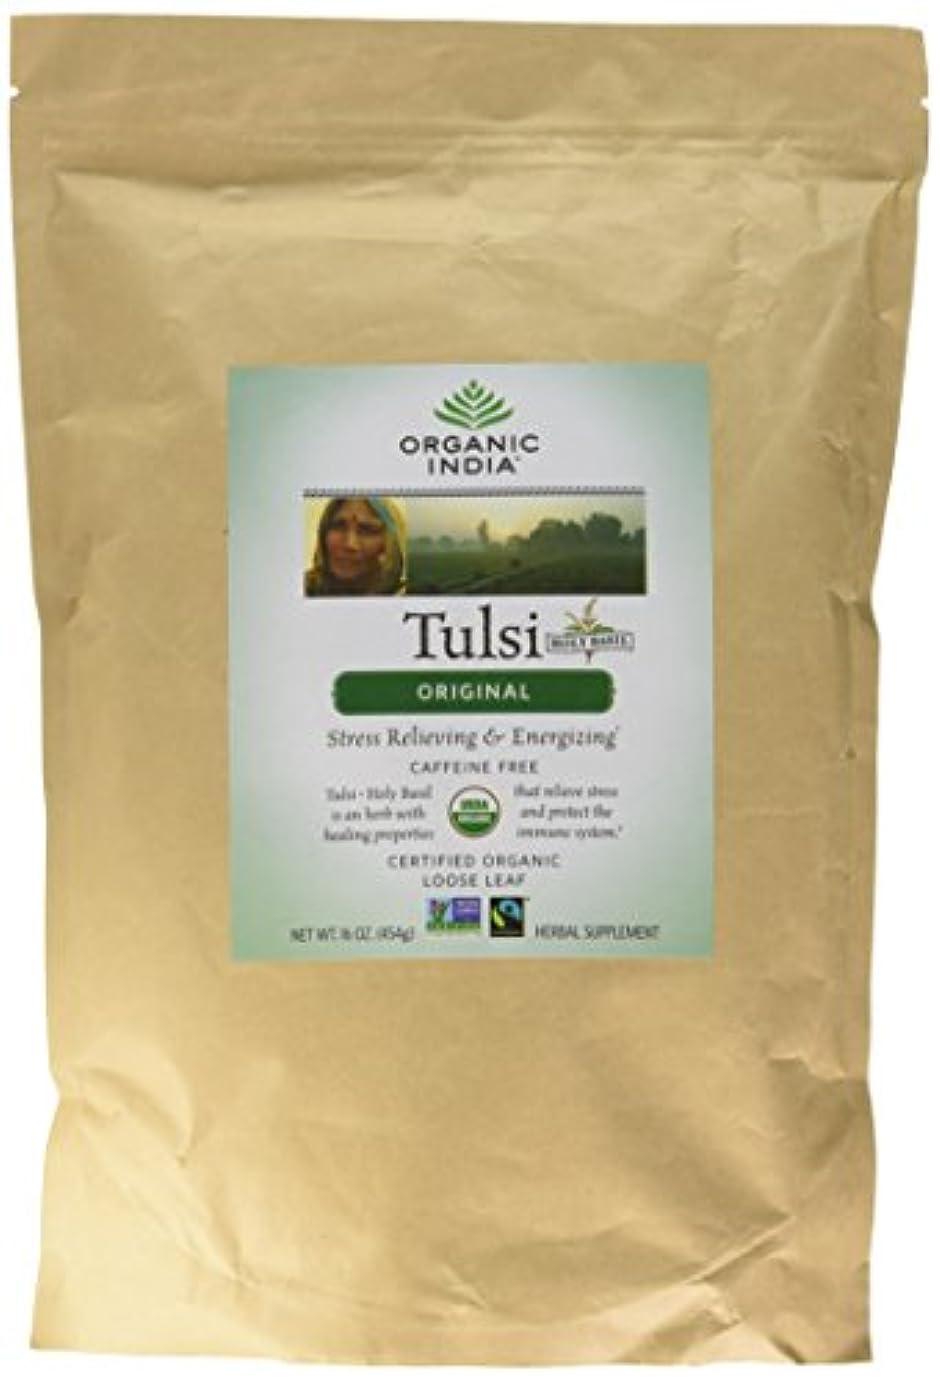 交じる先のことを考える頬海外直送品Original Tulsi Tea, 1 lb by Organic India